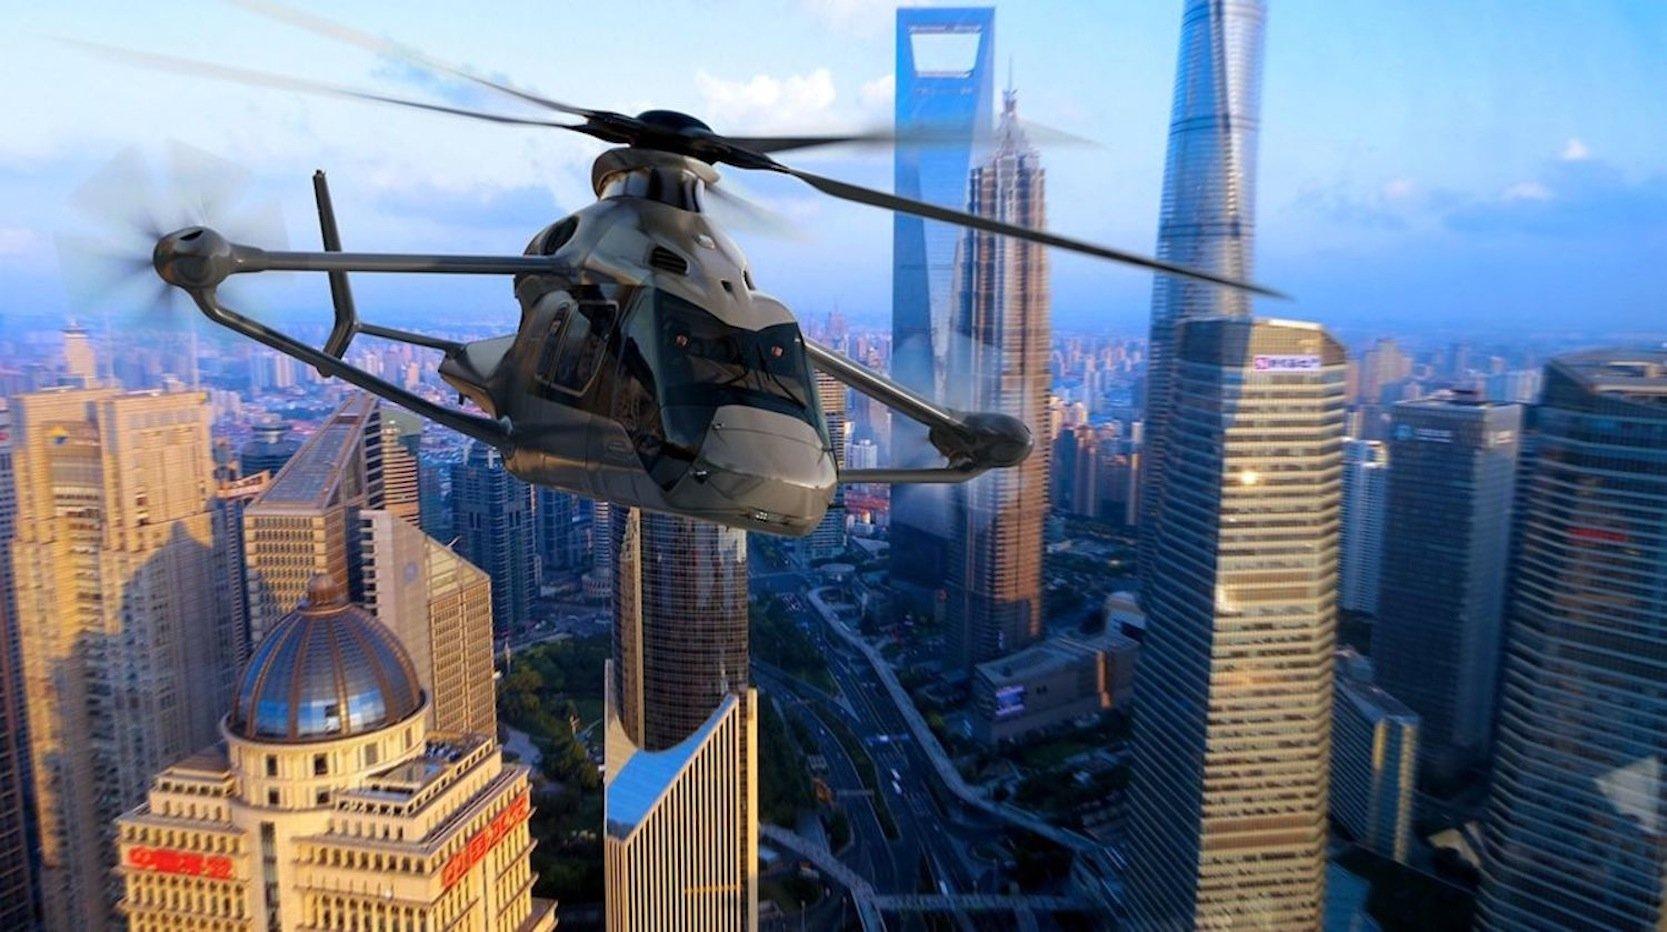 Racer von Airbus: Der Highspeed-Heli steigt 2020 in die Luft und soll beispielsweise Rettungsdienste noch schneller zu Einsatzorten fliegen.